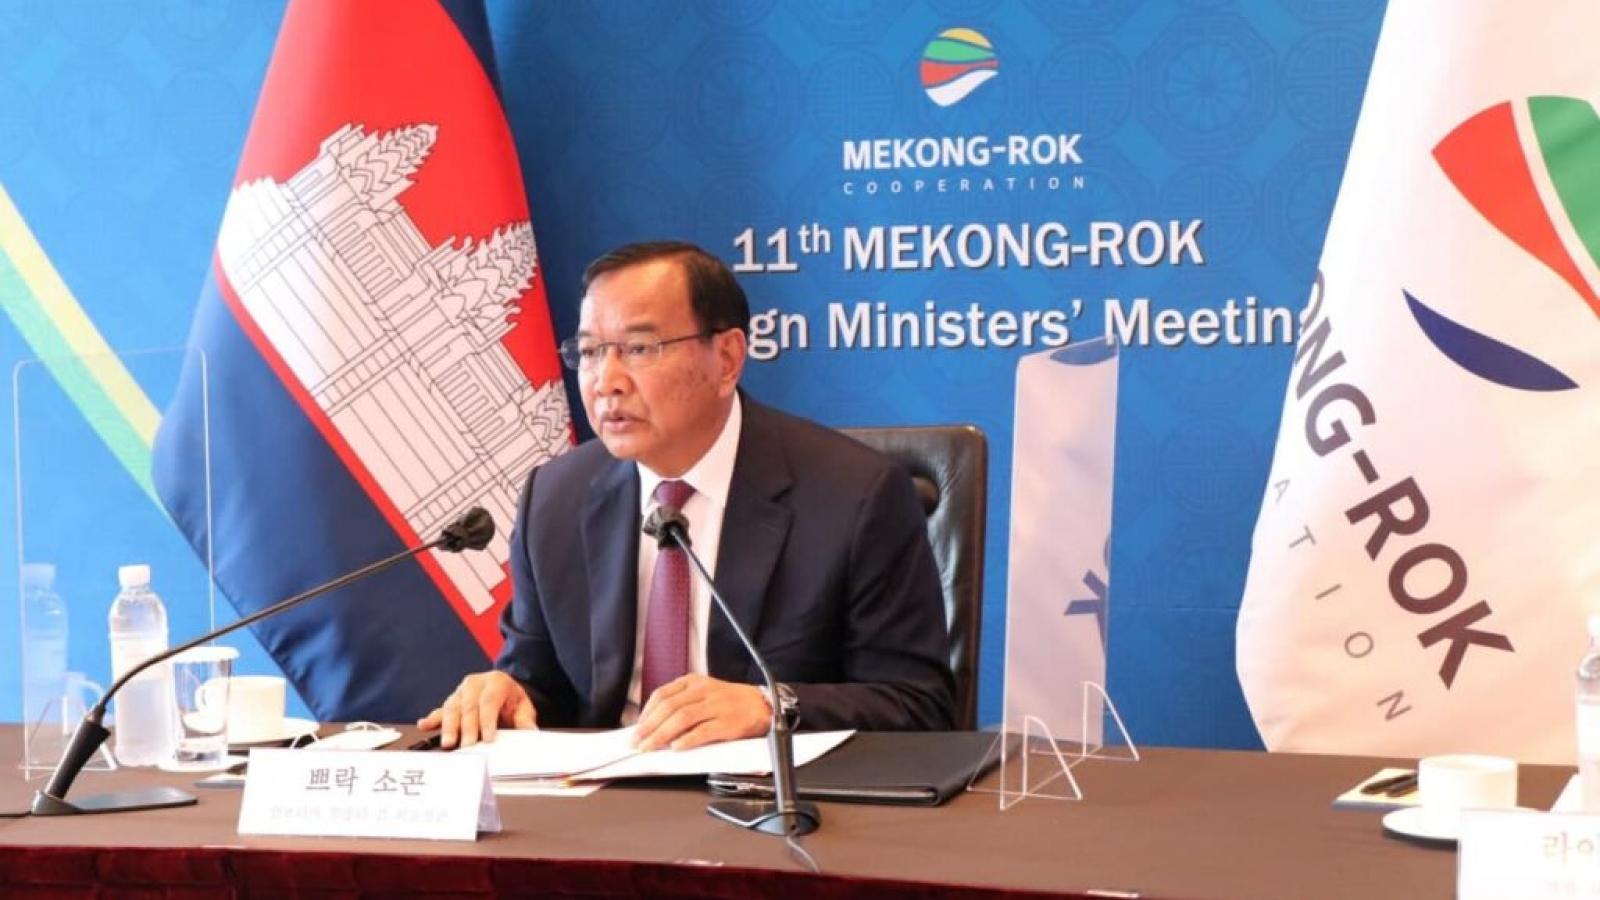 Campuchia: Các nước cần lên kế hoạch đi lại an toàn bằng thẻ tiêm chủng Covid-19